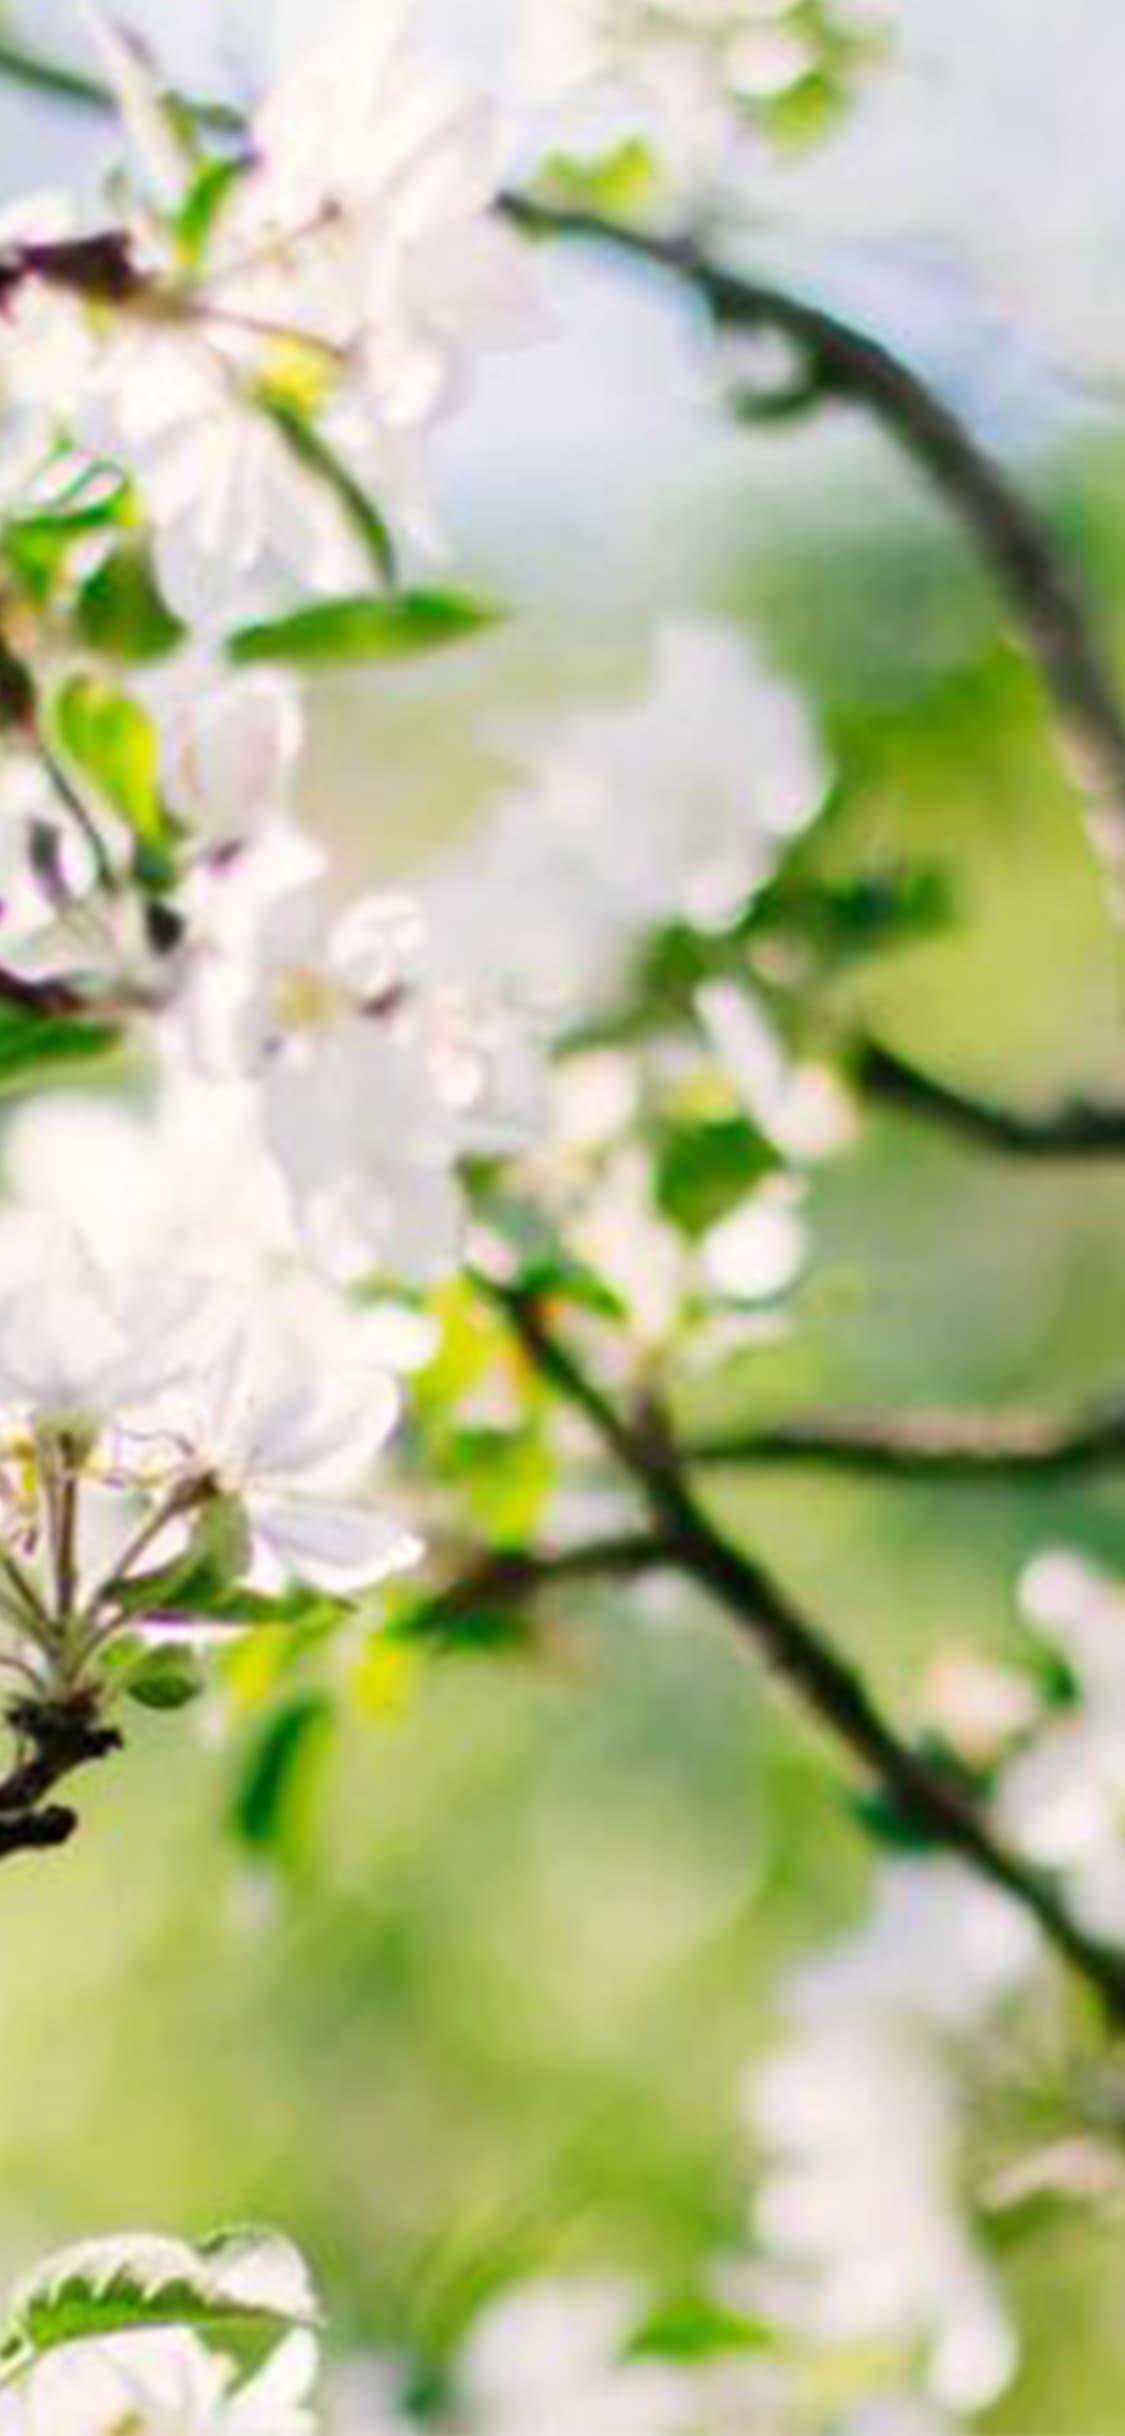 saint-mamet-fleurs-arbre-fruitier-floraison-3